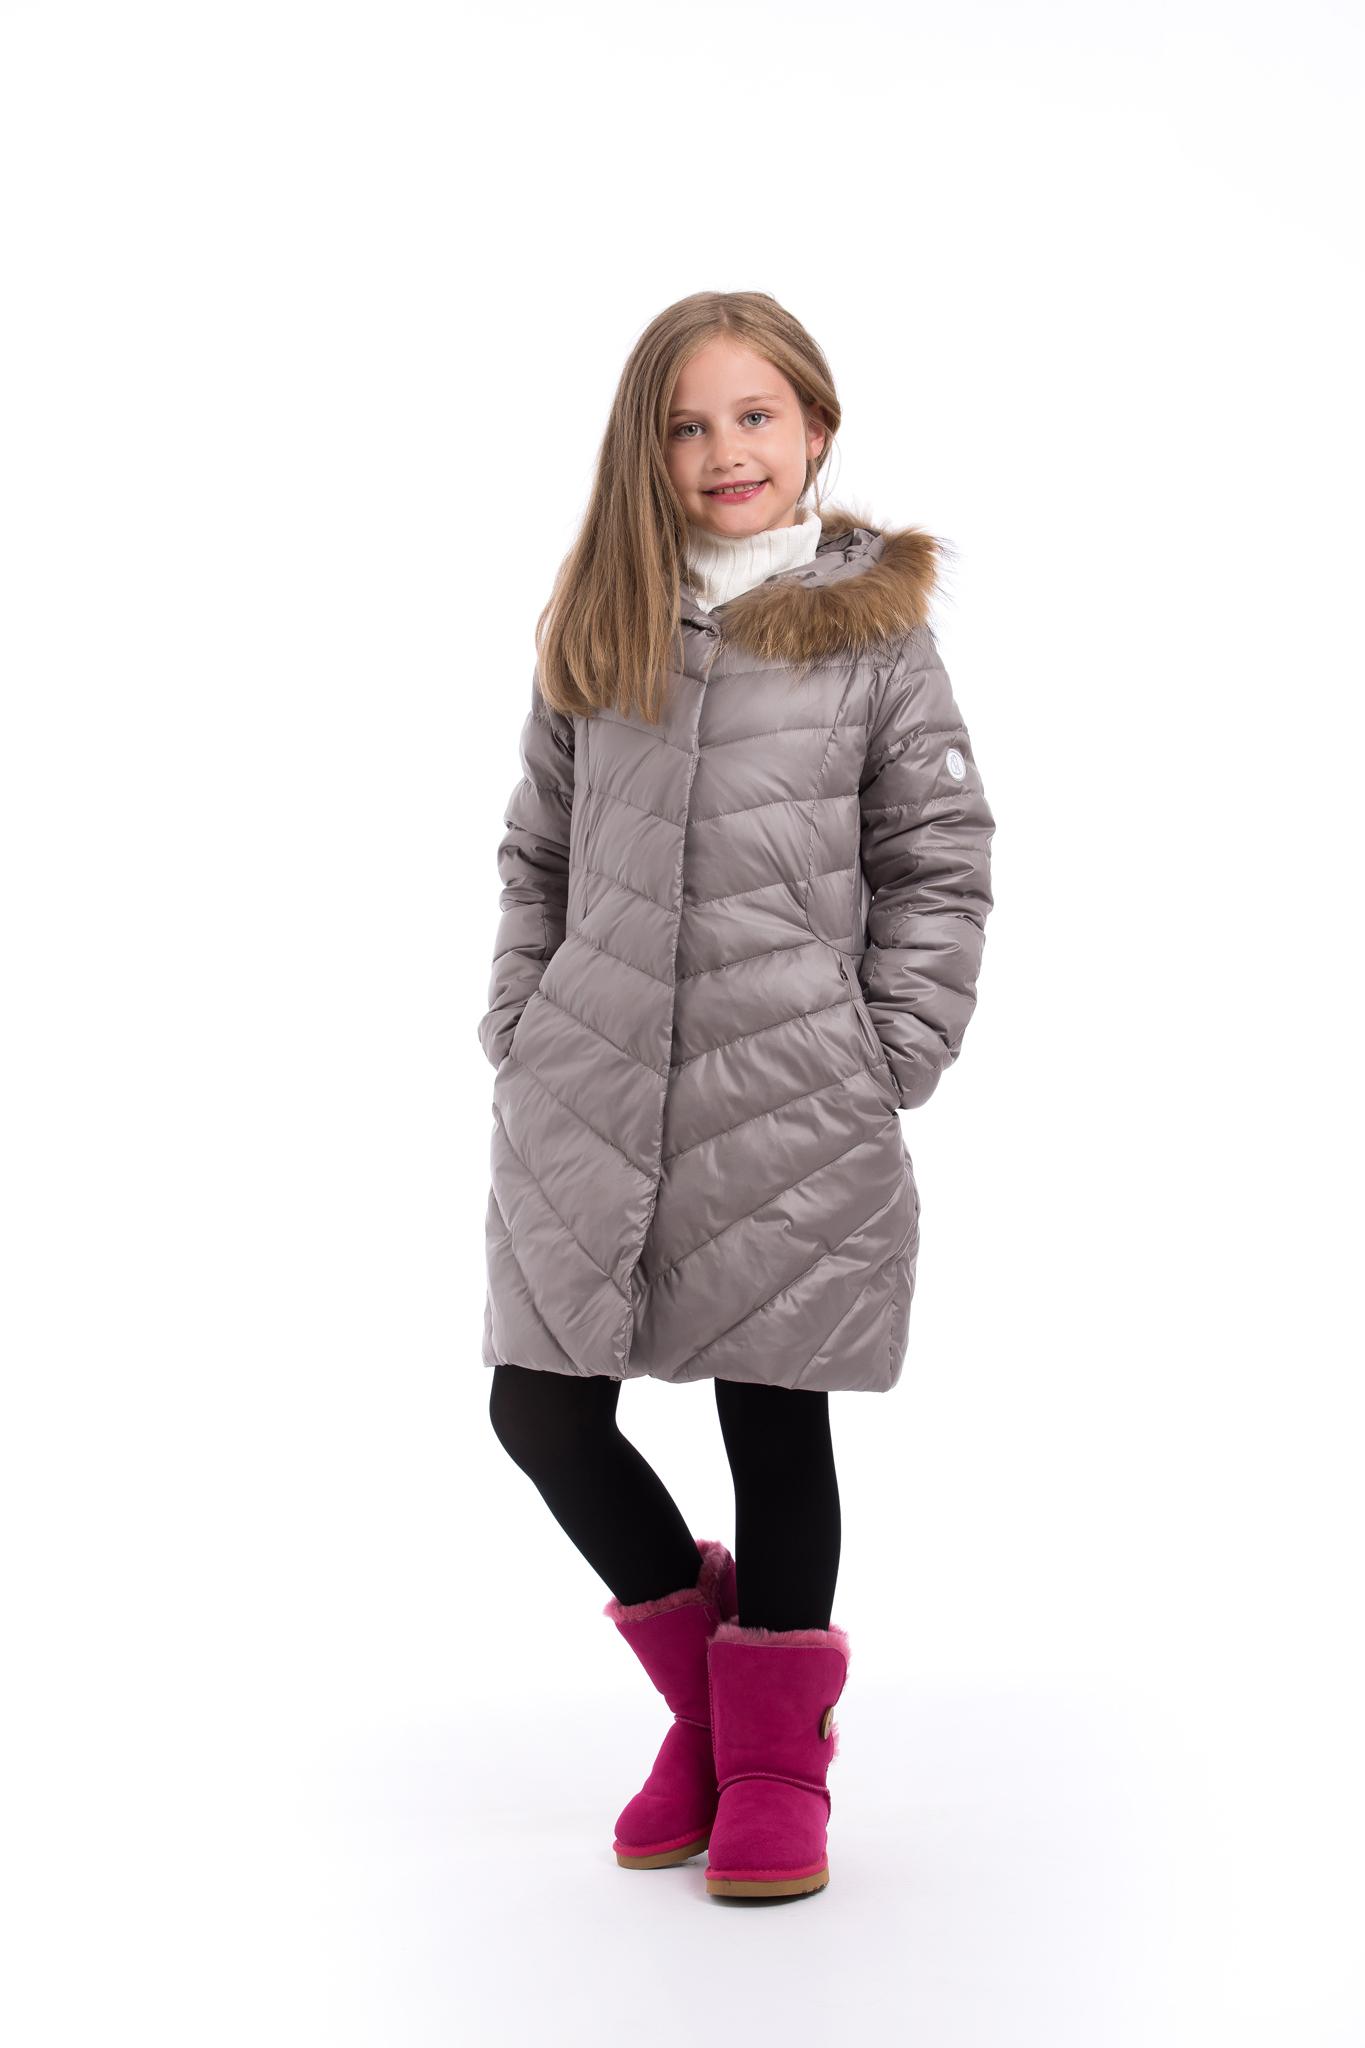 c486ead6da6bb Girls winter down coat in dark grey colour - Pengu KIDS